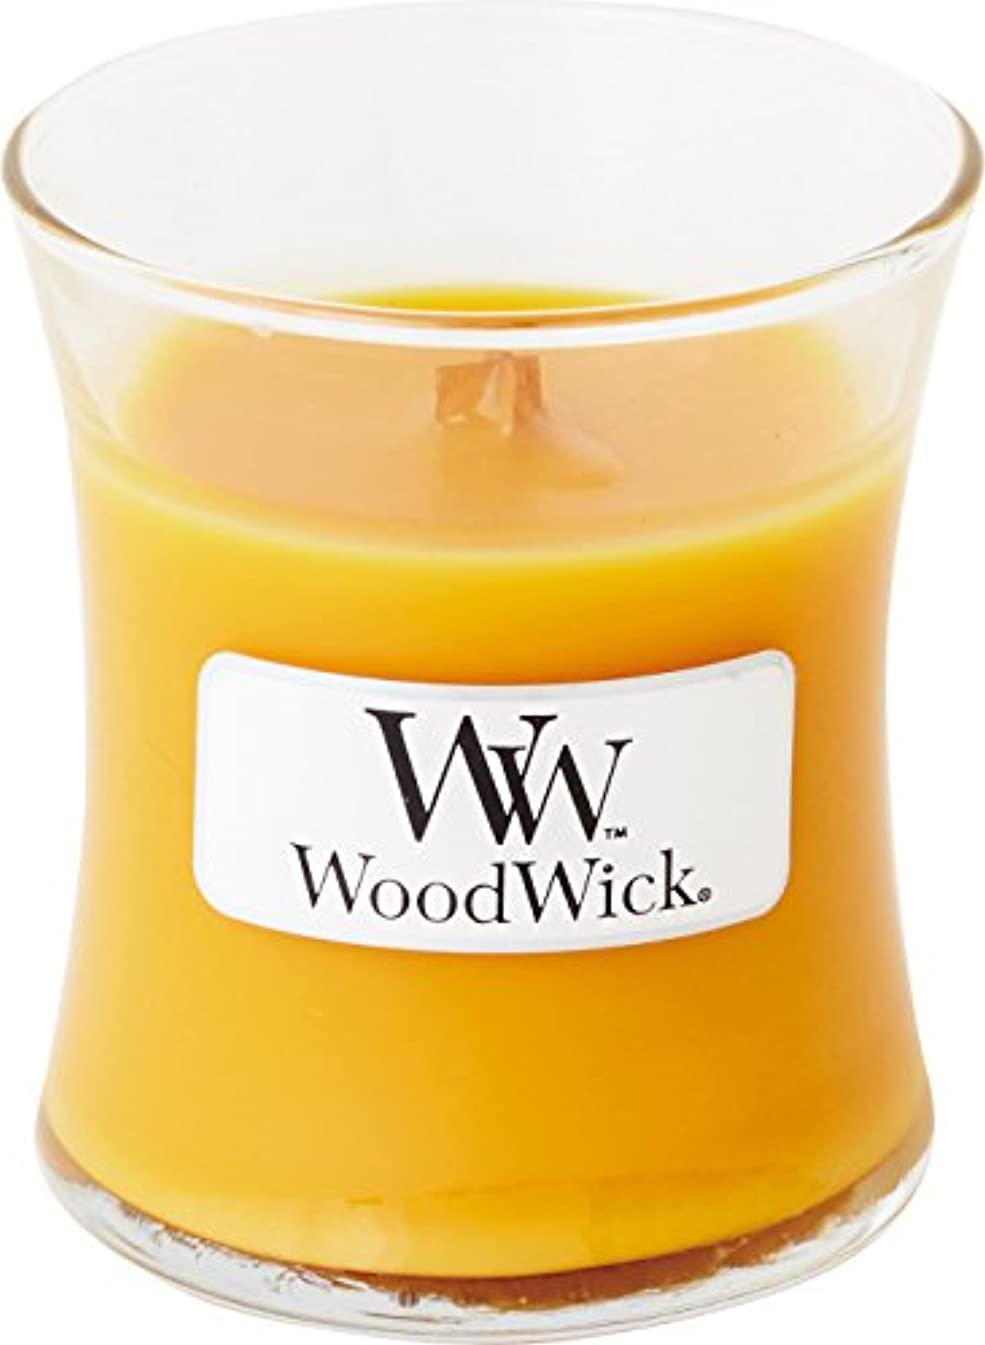 略す嫌い店員Wood Wick ウッドウィック ジャーキャンドルSサイズ スパークリングオレンジ